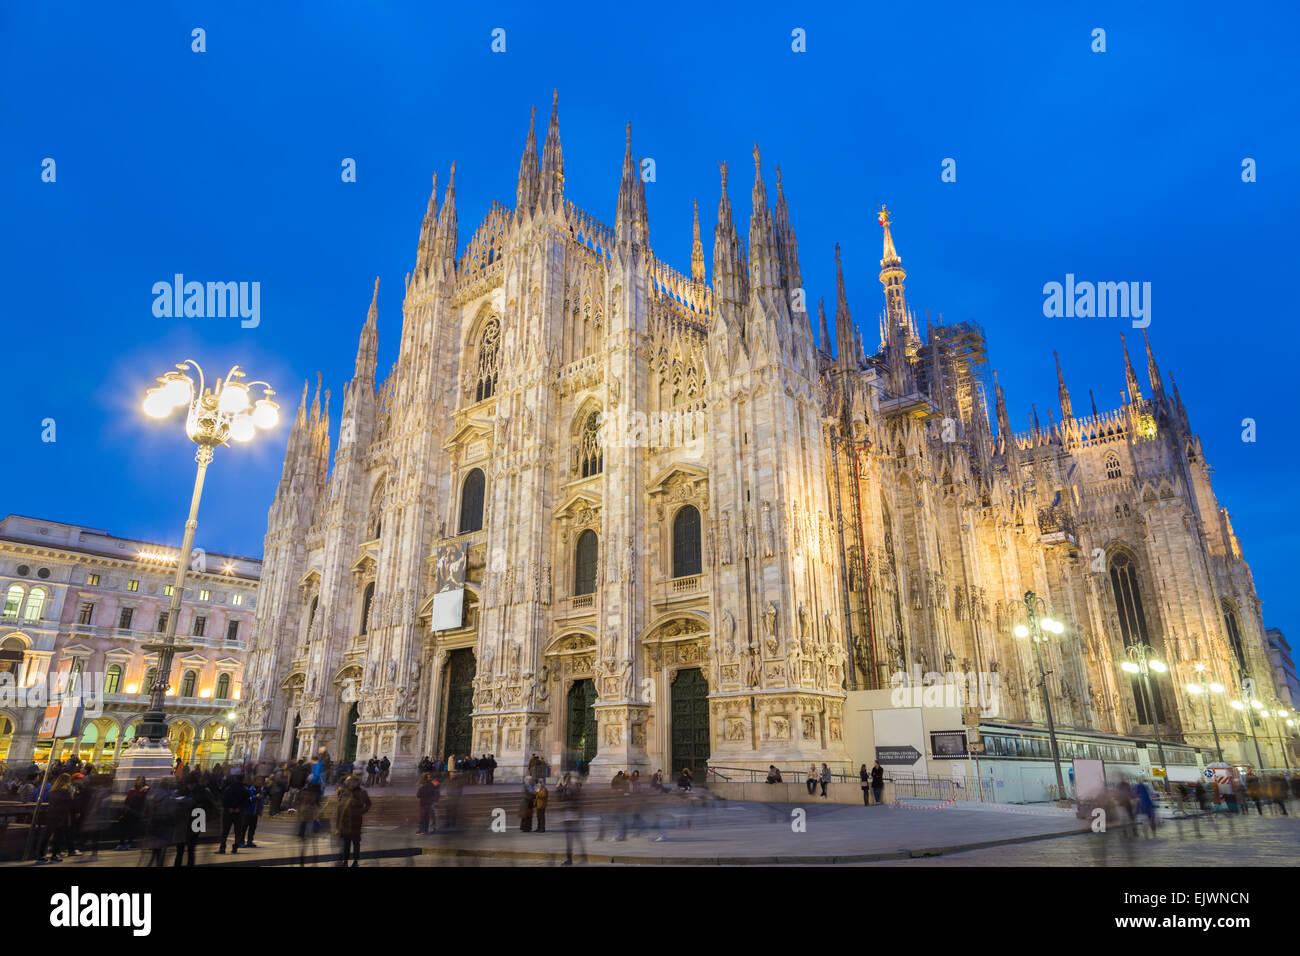 Il Duomo di Milano e il Duomo di Milano, Italia. Immagini Stock